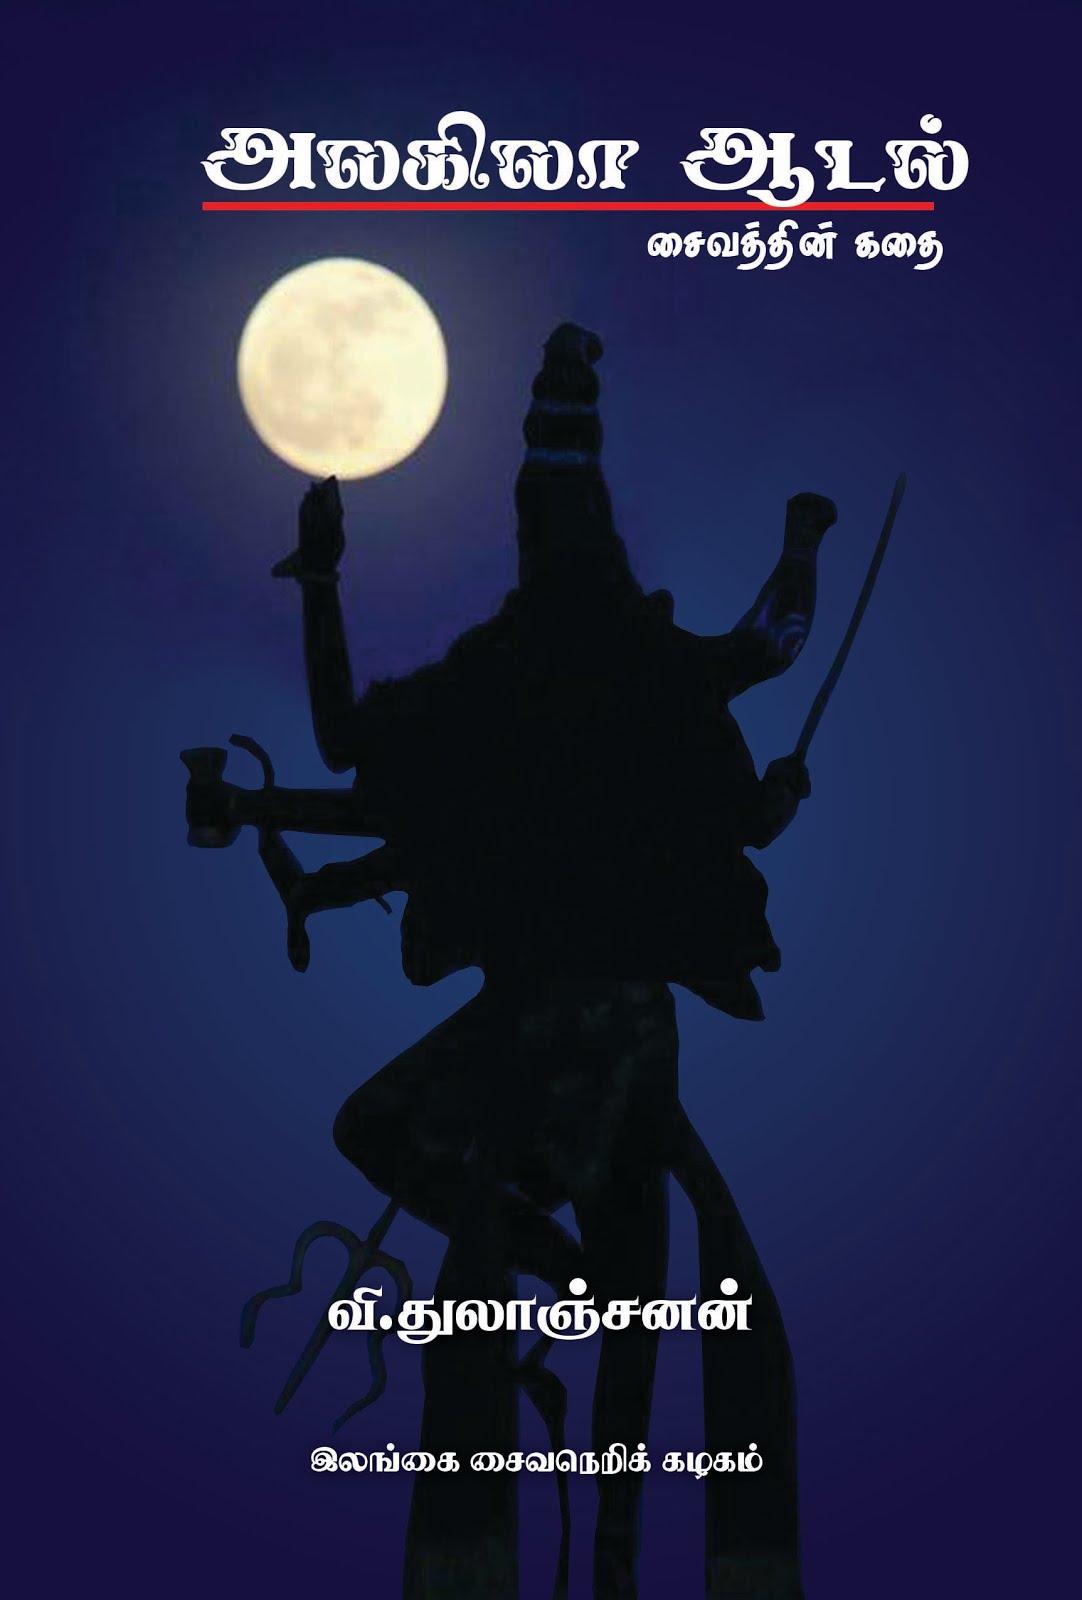 அலகிலா ஆடல் வாங்க